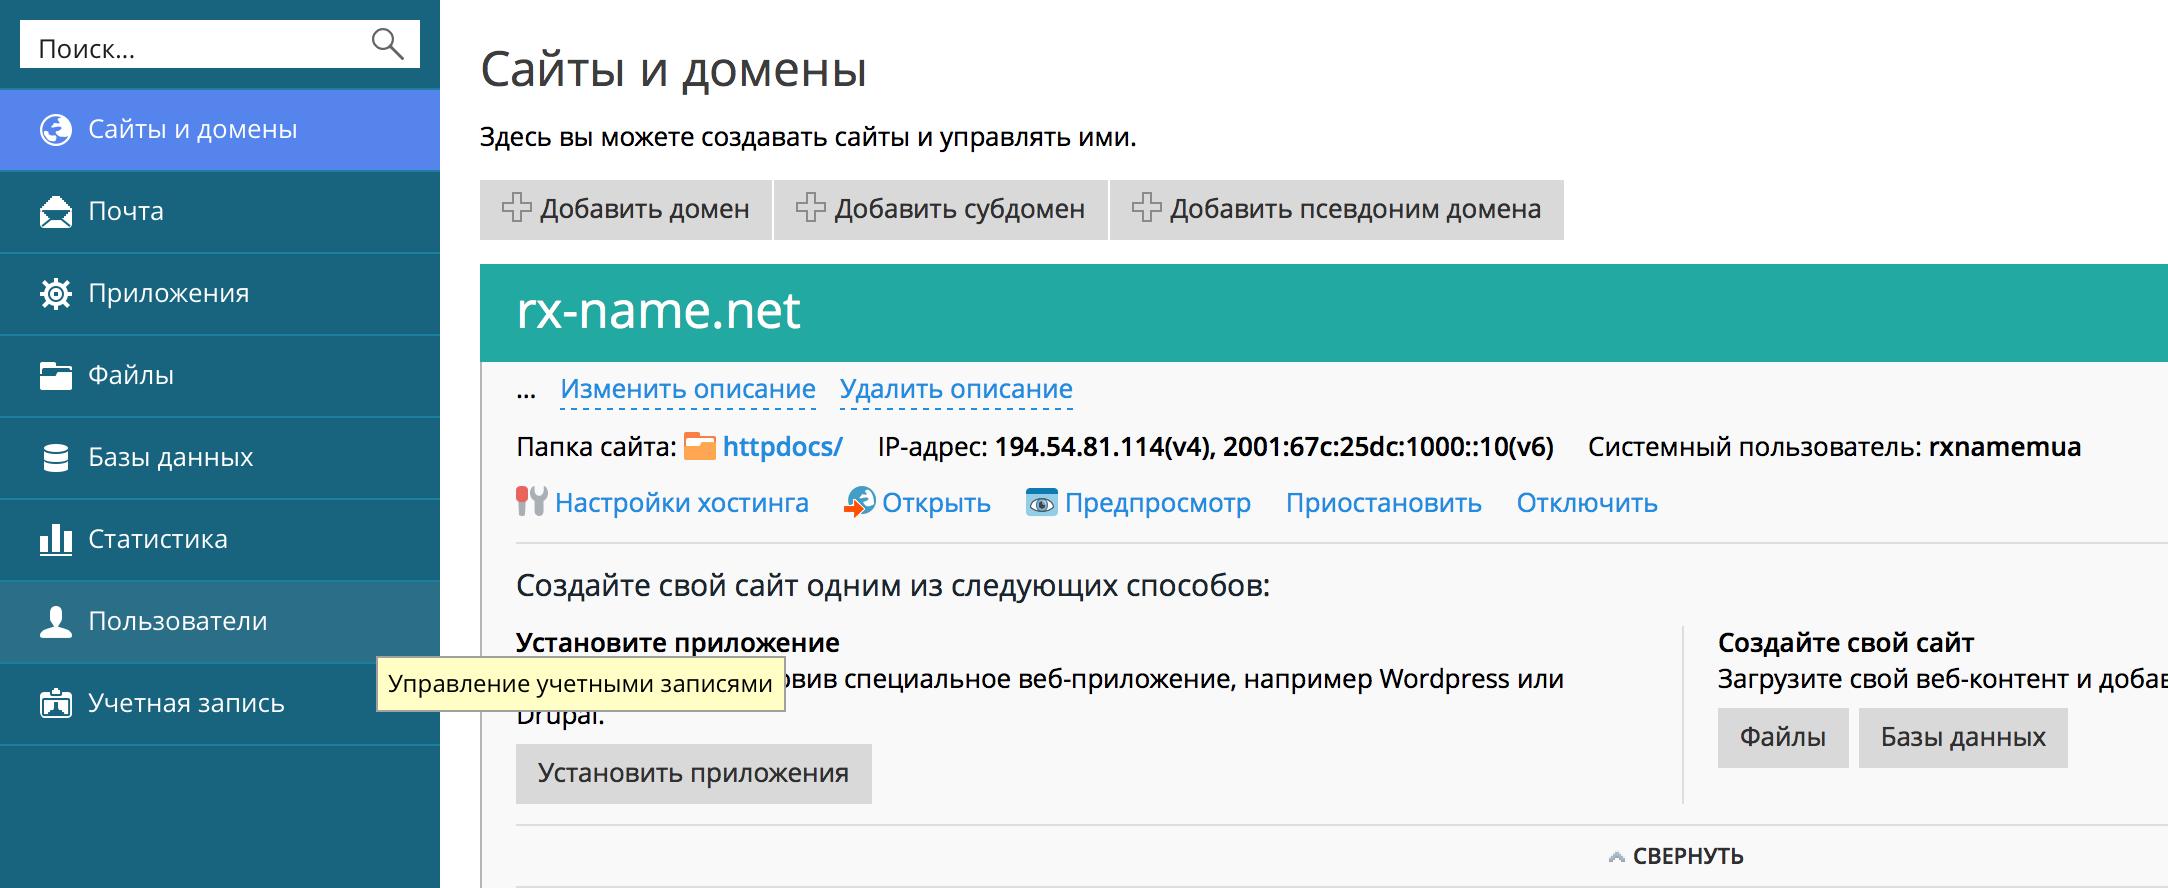 Изменить пользователя на хостинге прокси сервер для css